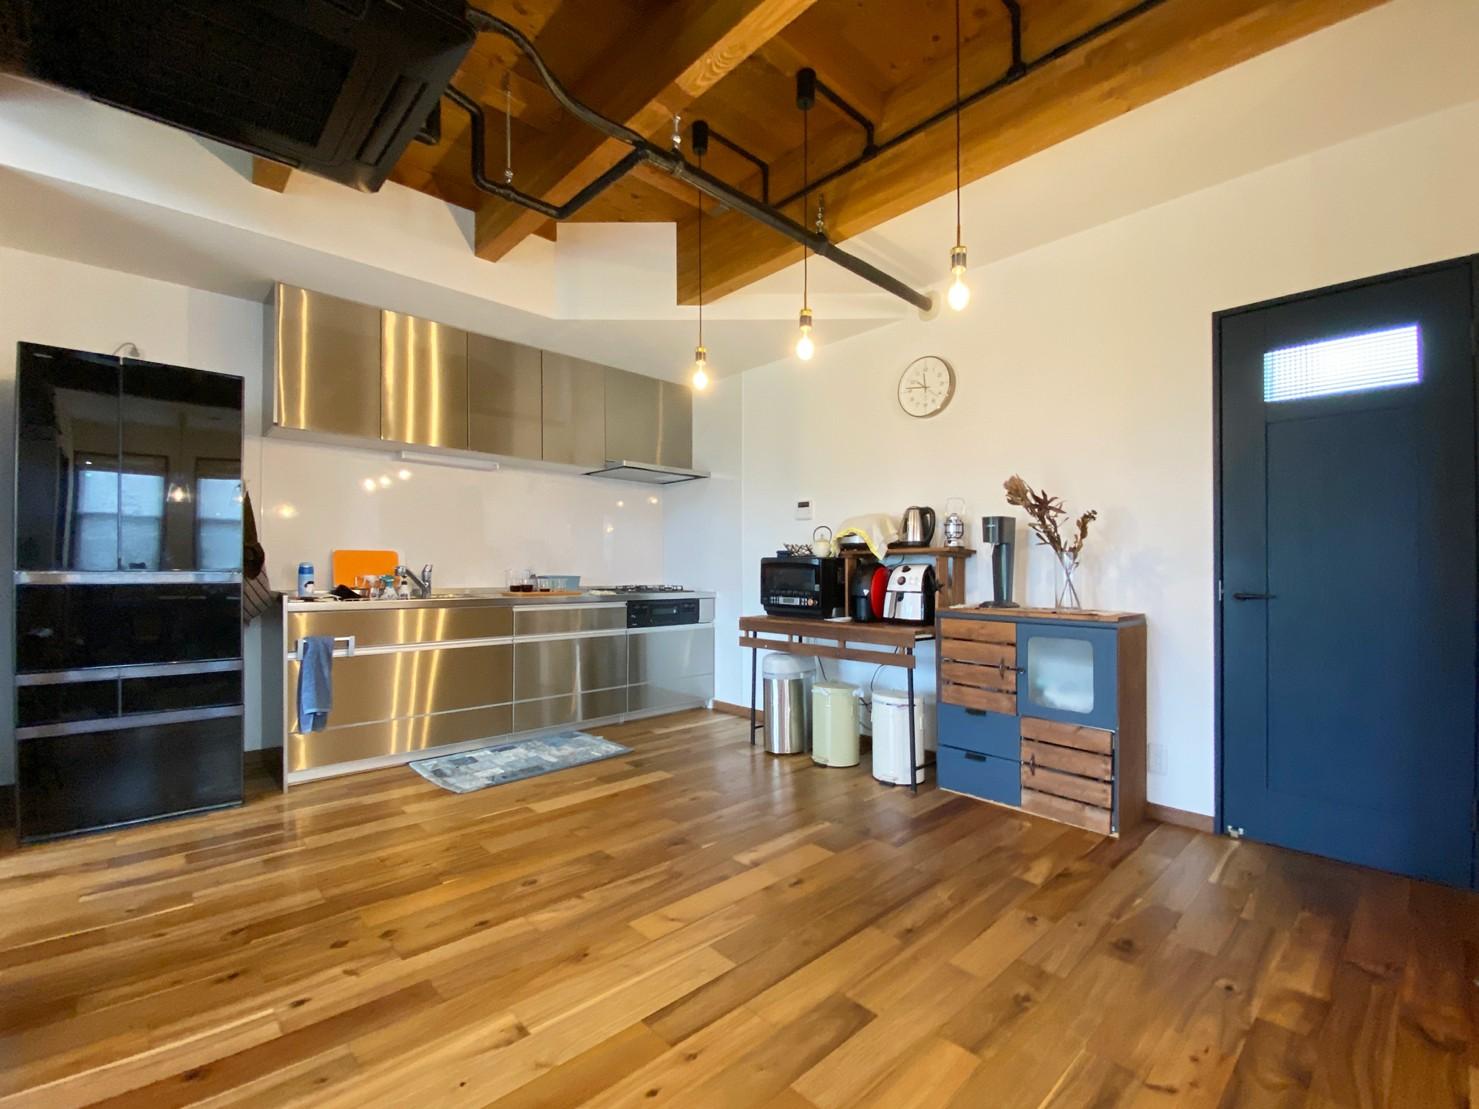 新潟材協 クオリティハウス「ウチとソトがつながる木の家」のインダストリアル・ブルックリンスタイル・モダンなキッチンの実例写真